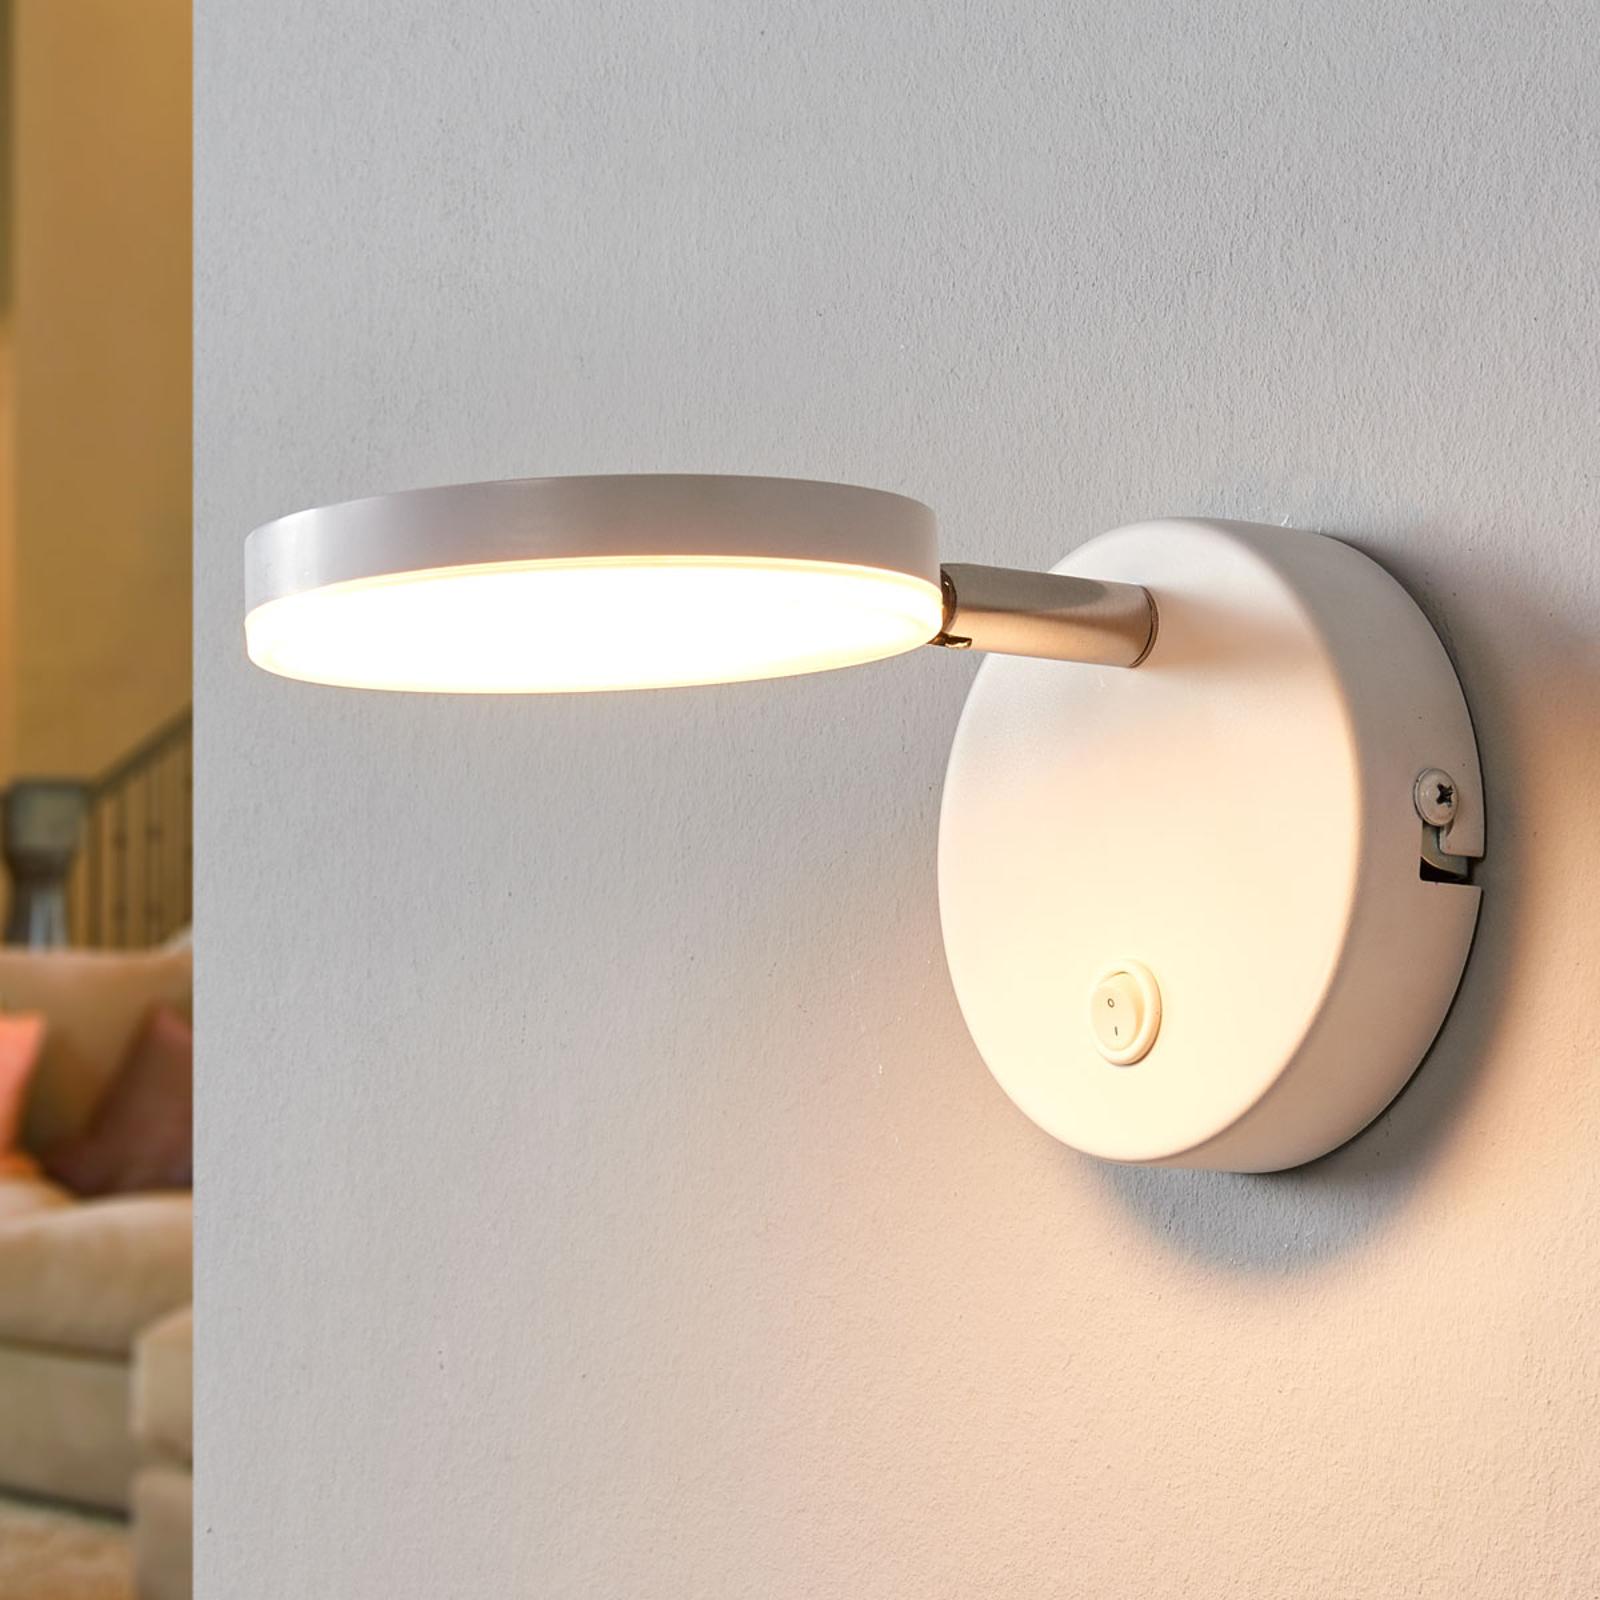 Applique LED Milow bianca, con interruttore